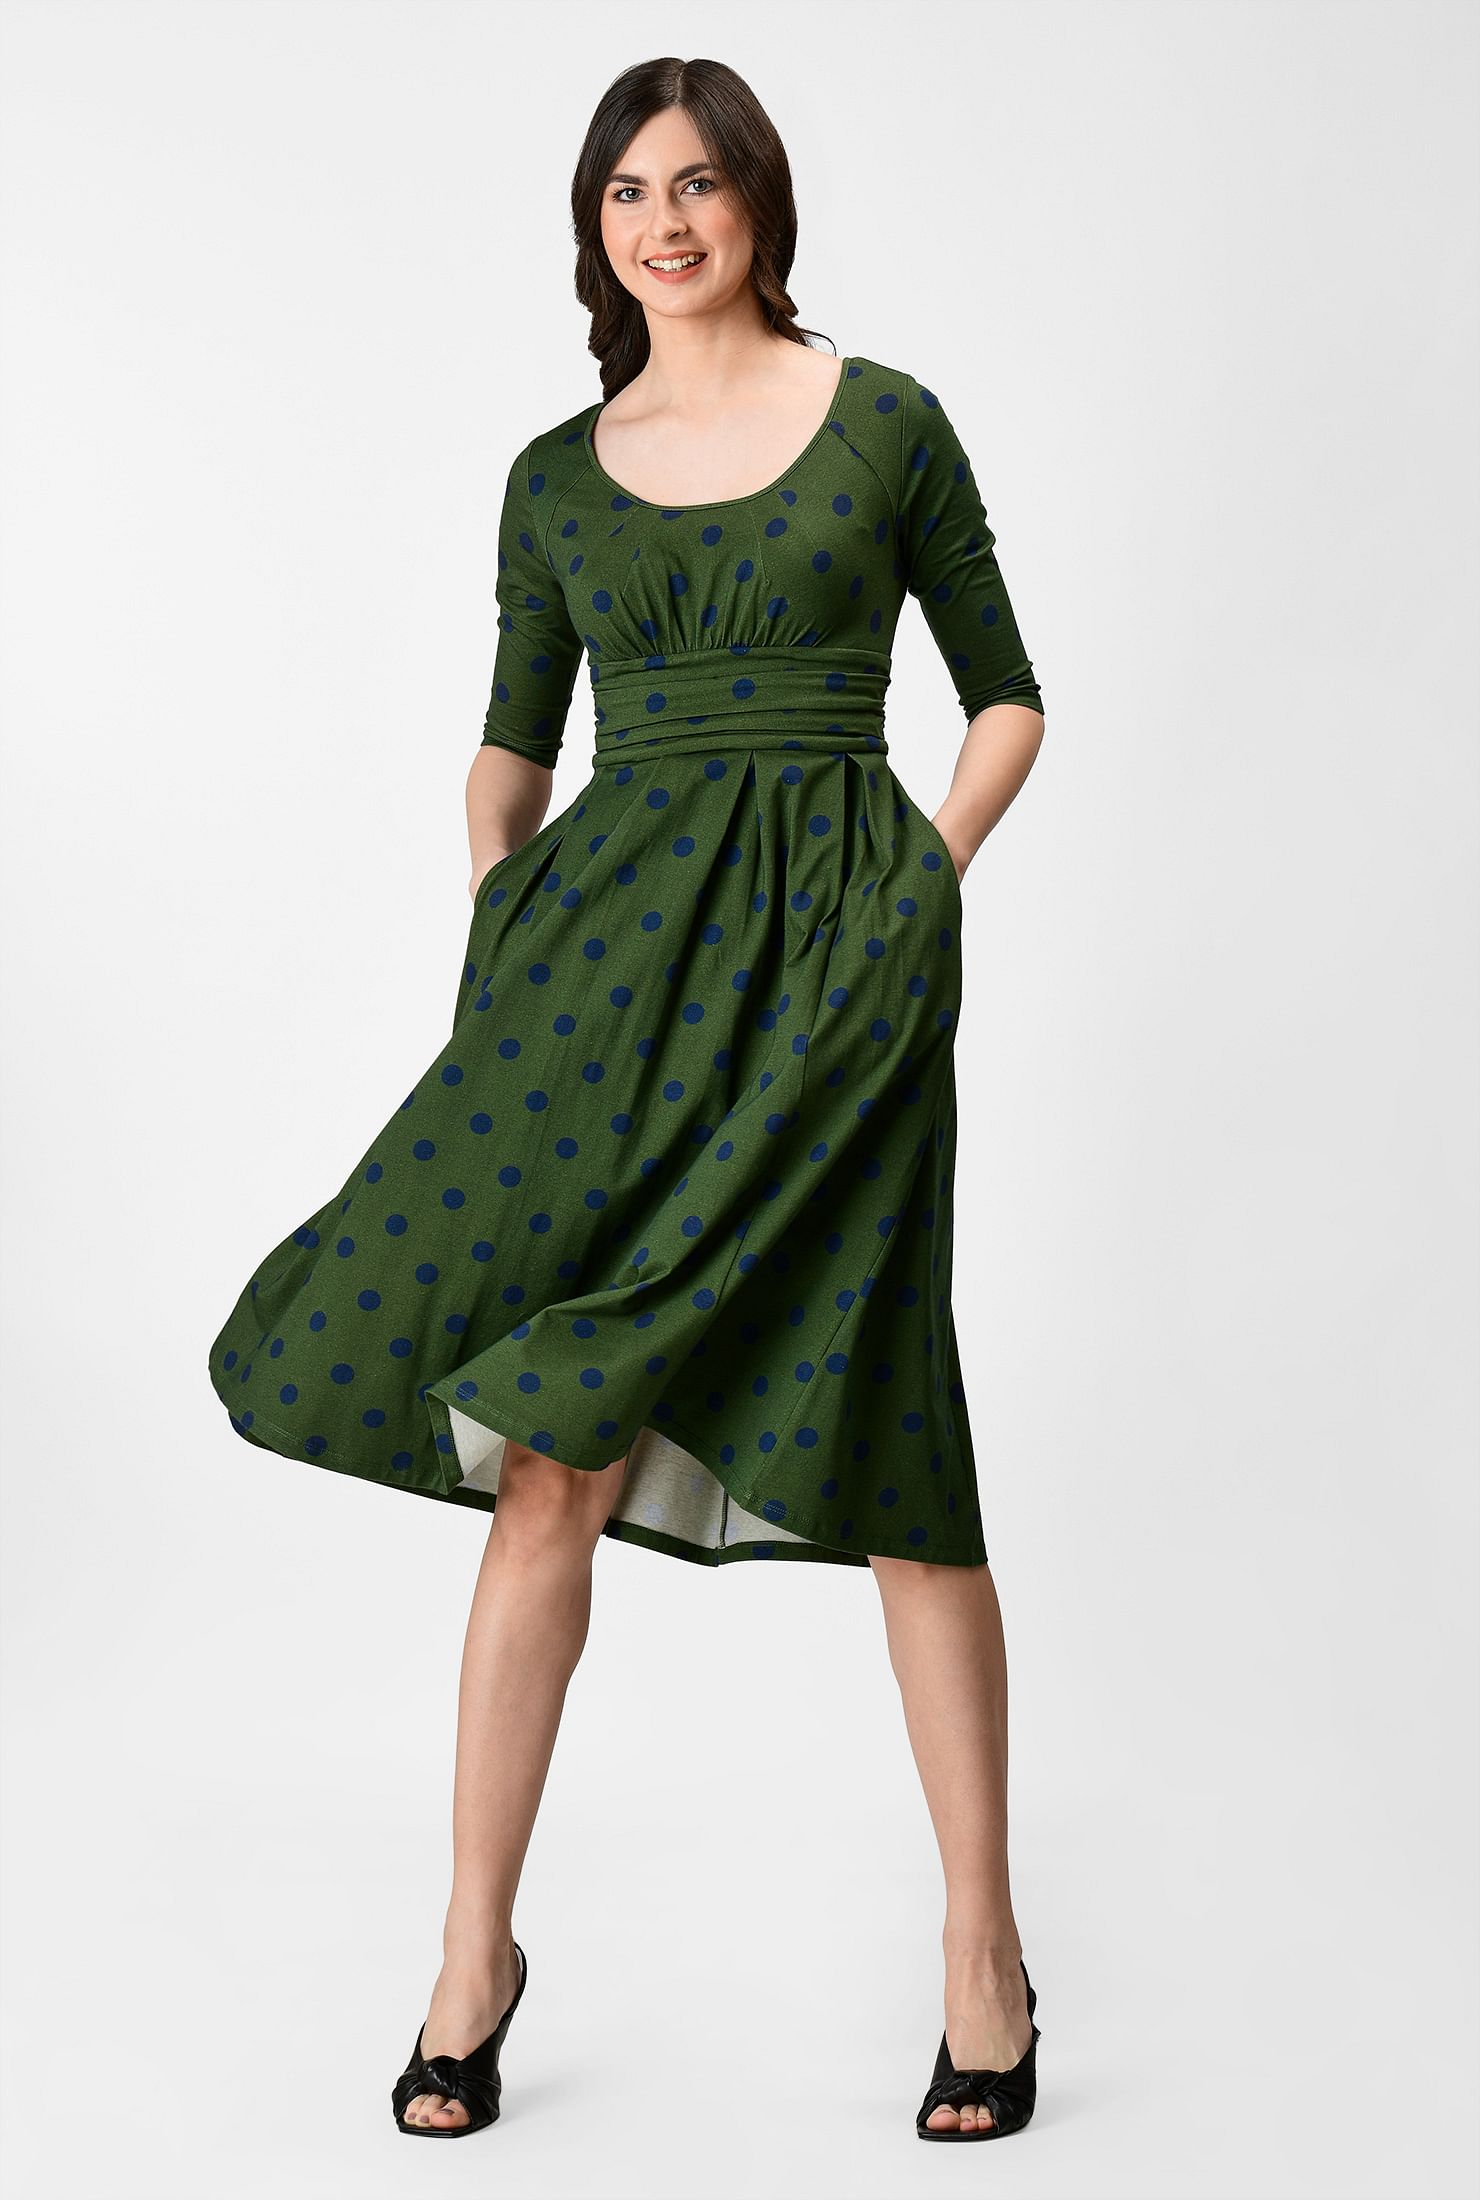 Chelsea polka dot print cotton knit dress